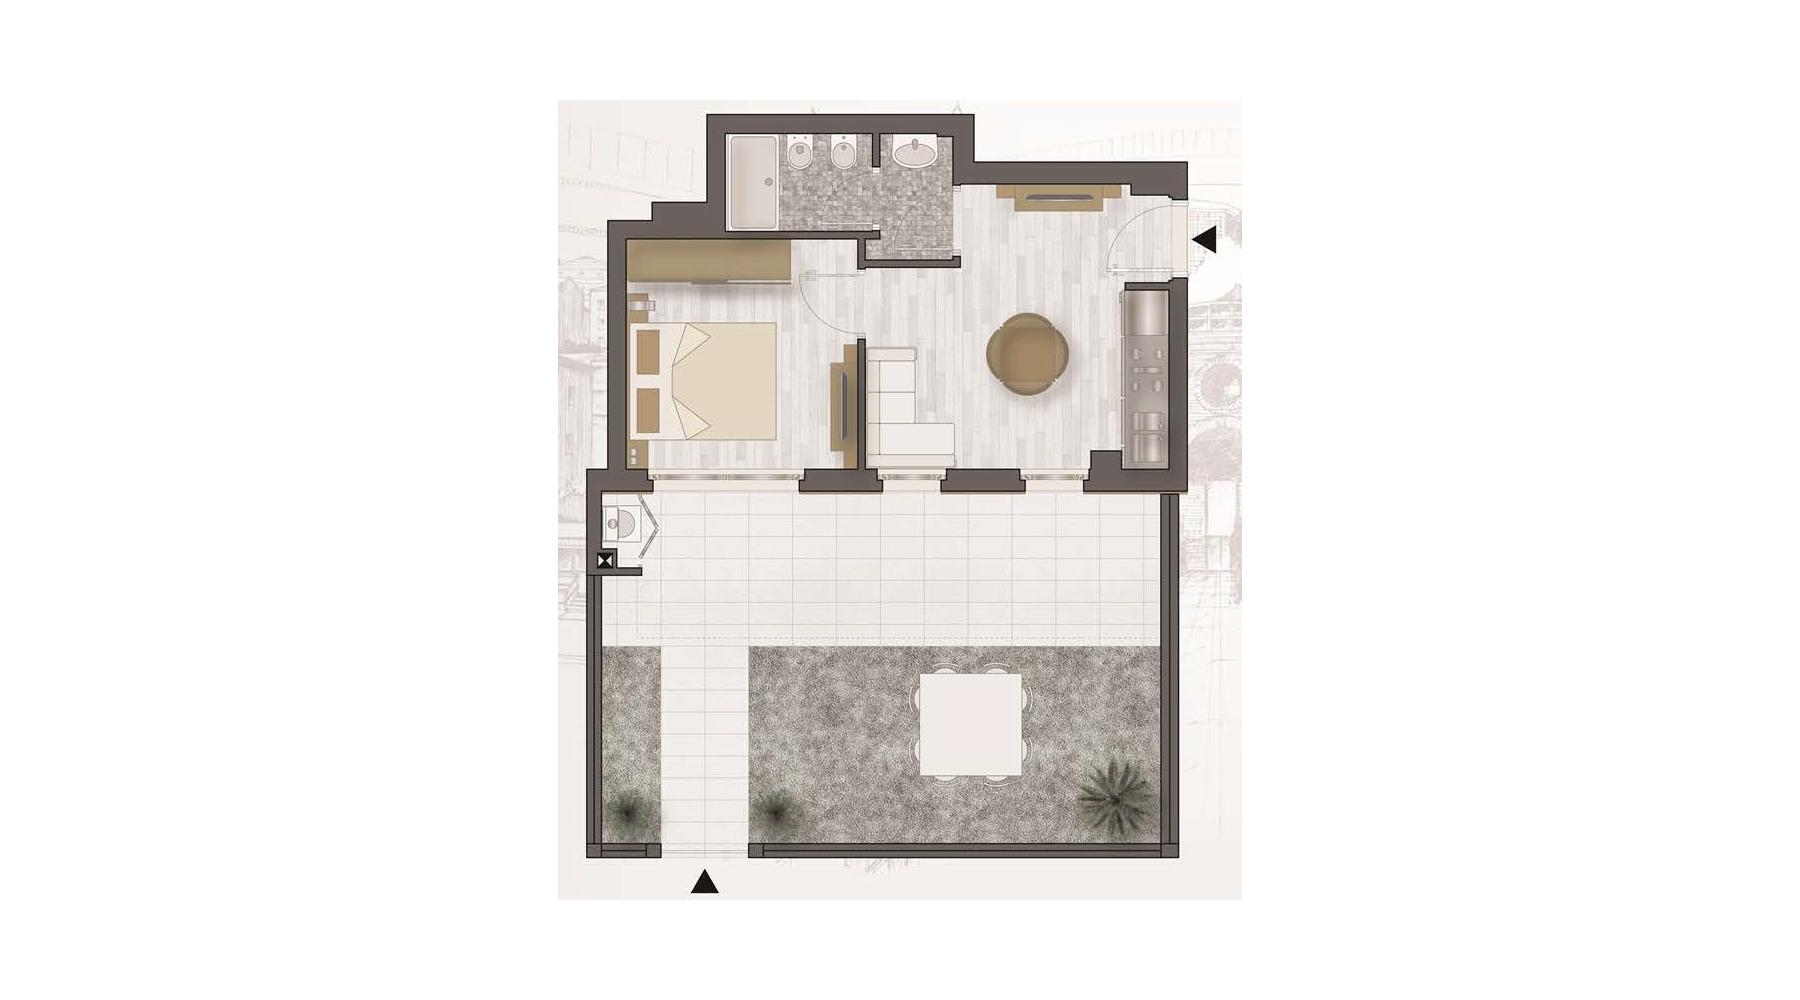 Immagini di giardino con planimetria casa con giardino for Planimetrie della casa di saltbox